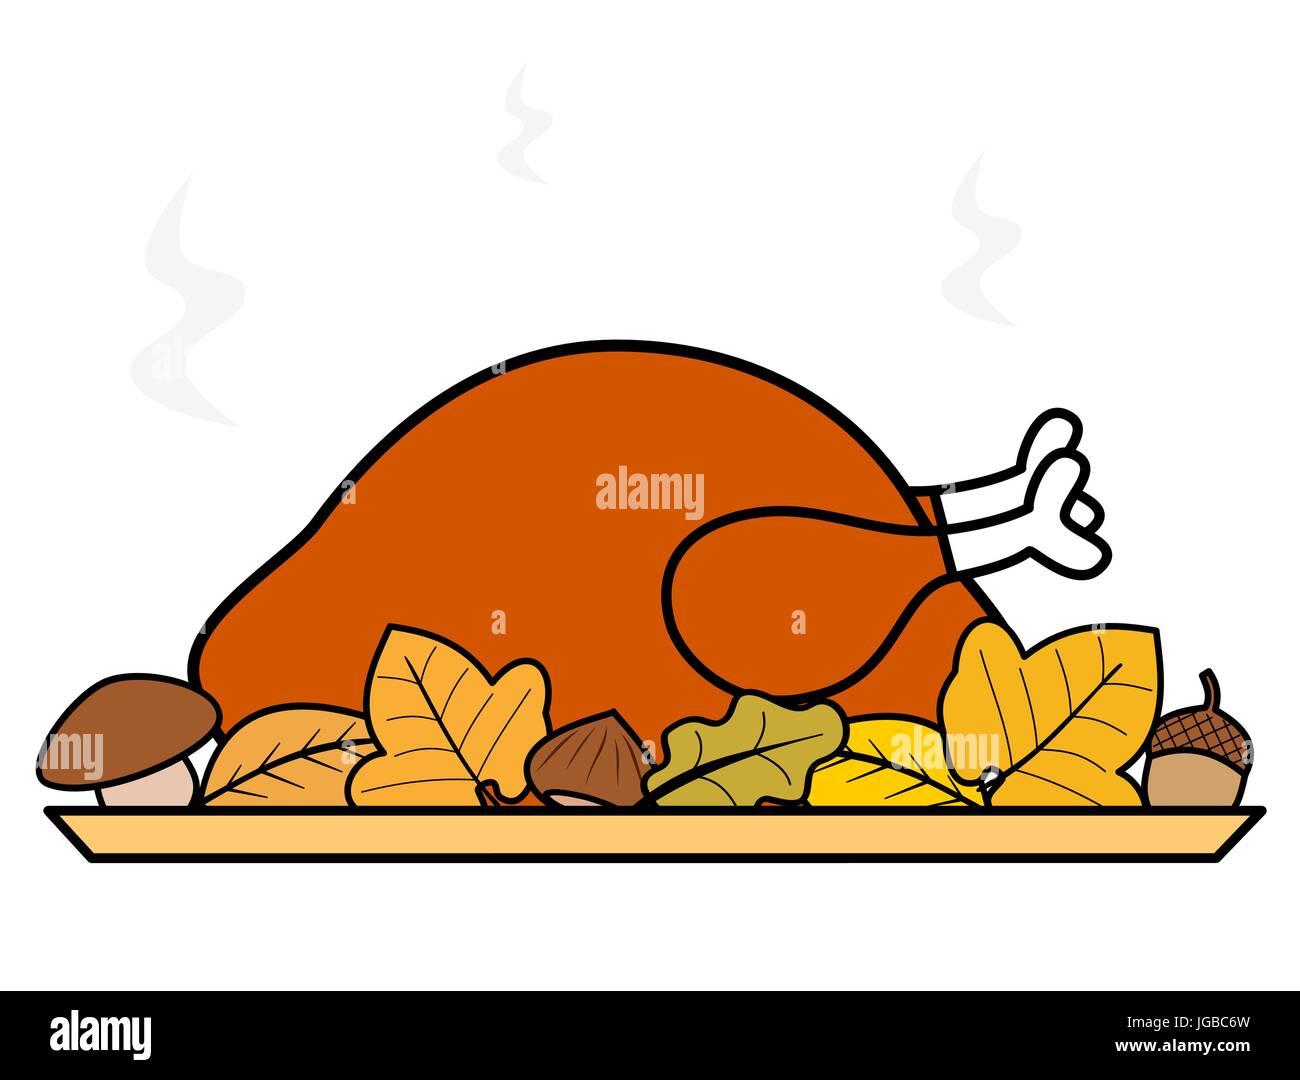 Caricatura Del Día De Acción De Gracias Pavo Asado Ilustración